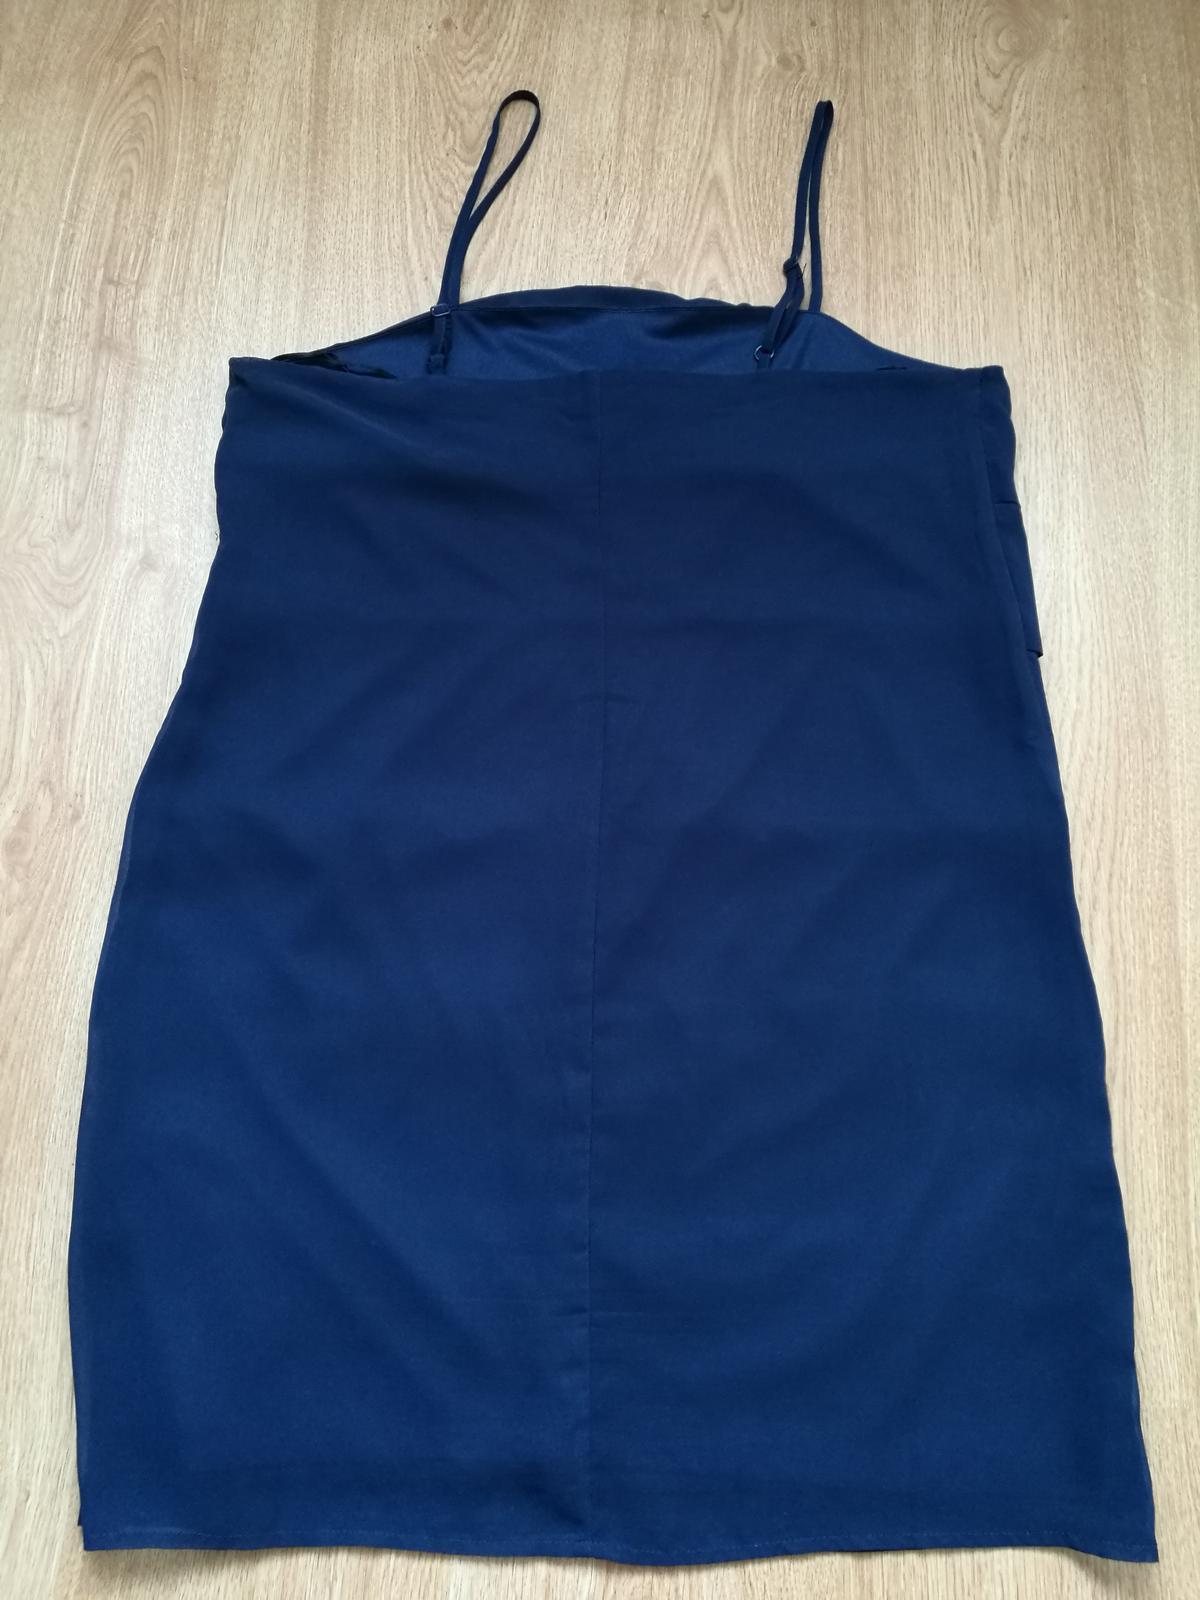 Šaty na ramienka - Obrázok č. 2